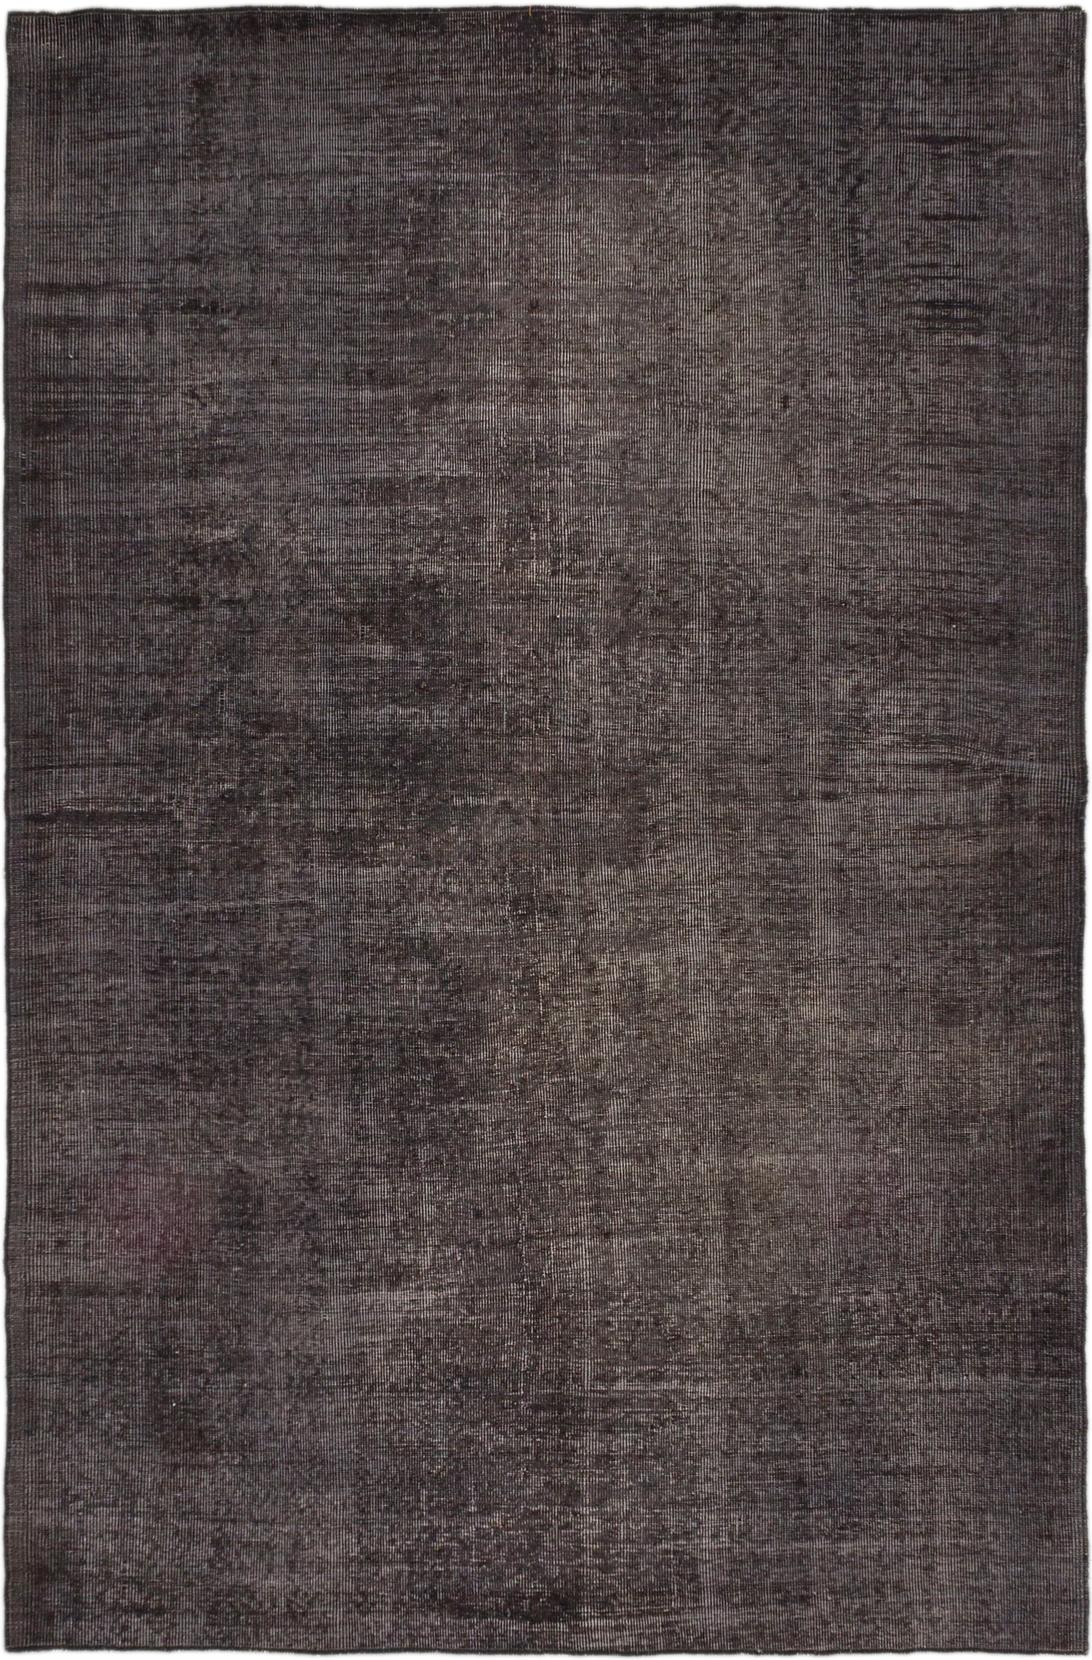 163221-1.jpg